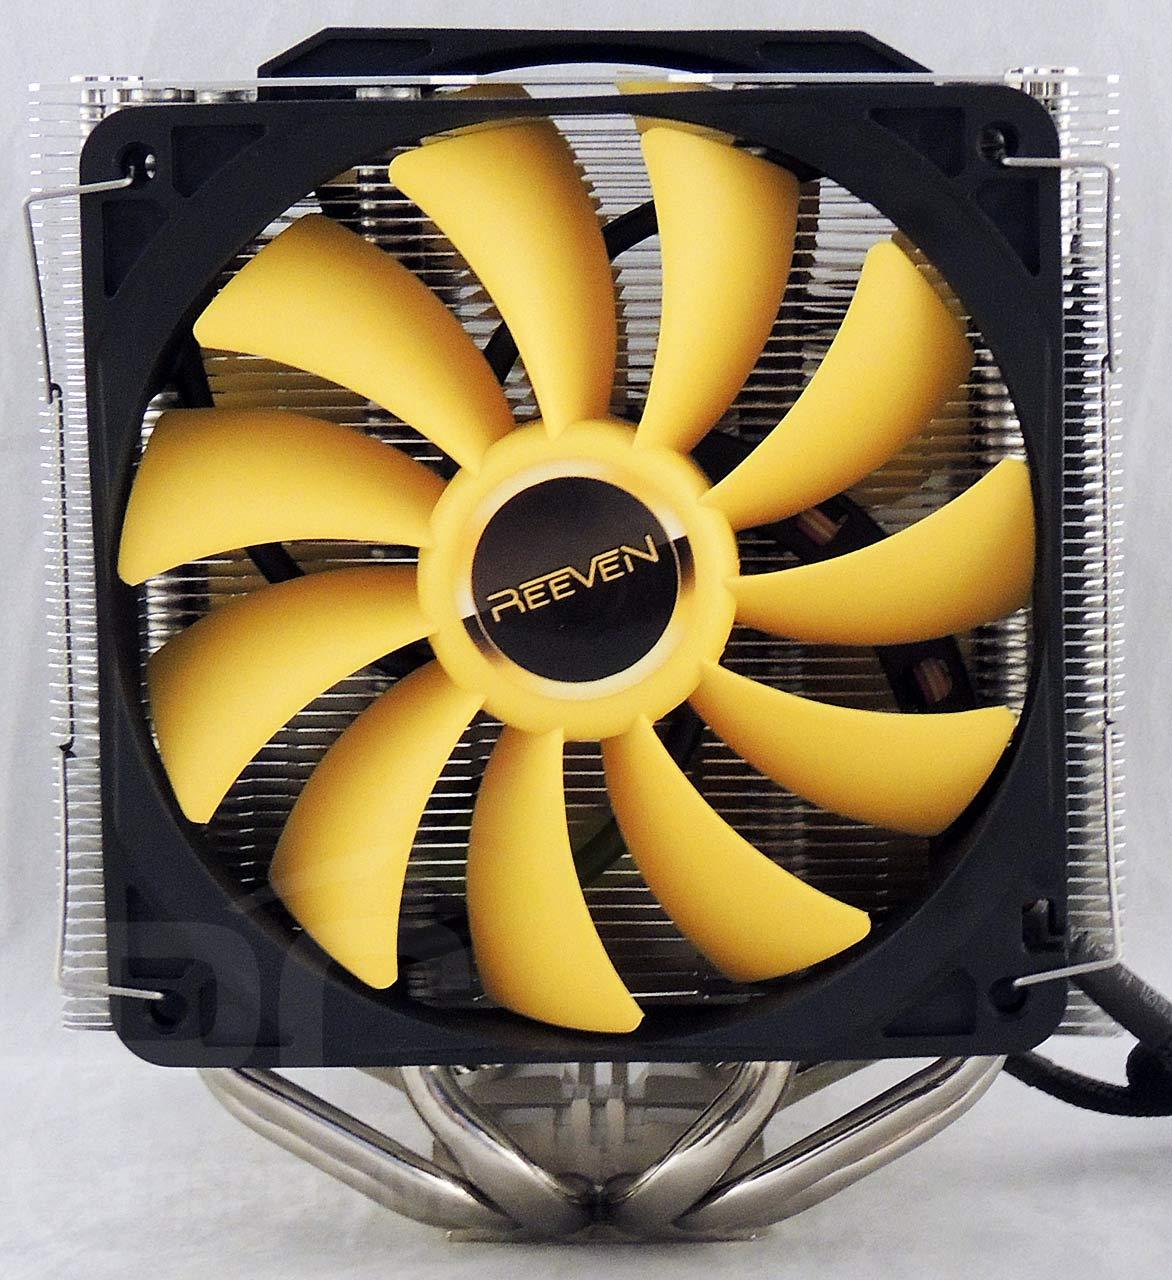 02-cooler-front-withfans.jpg